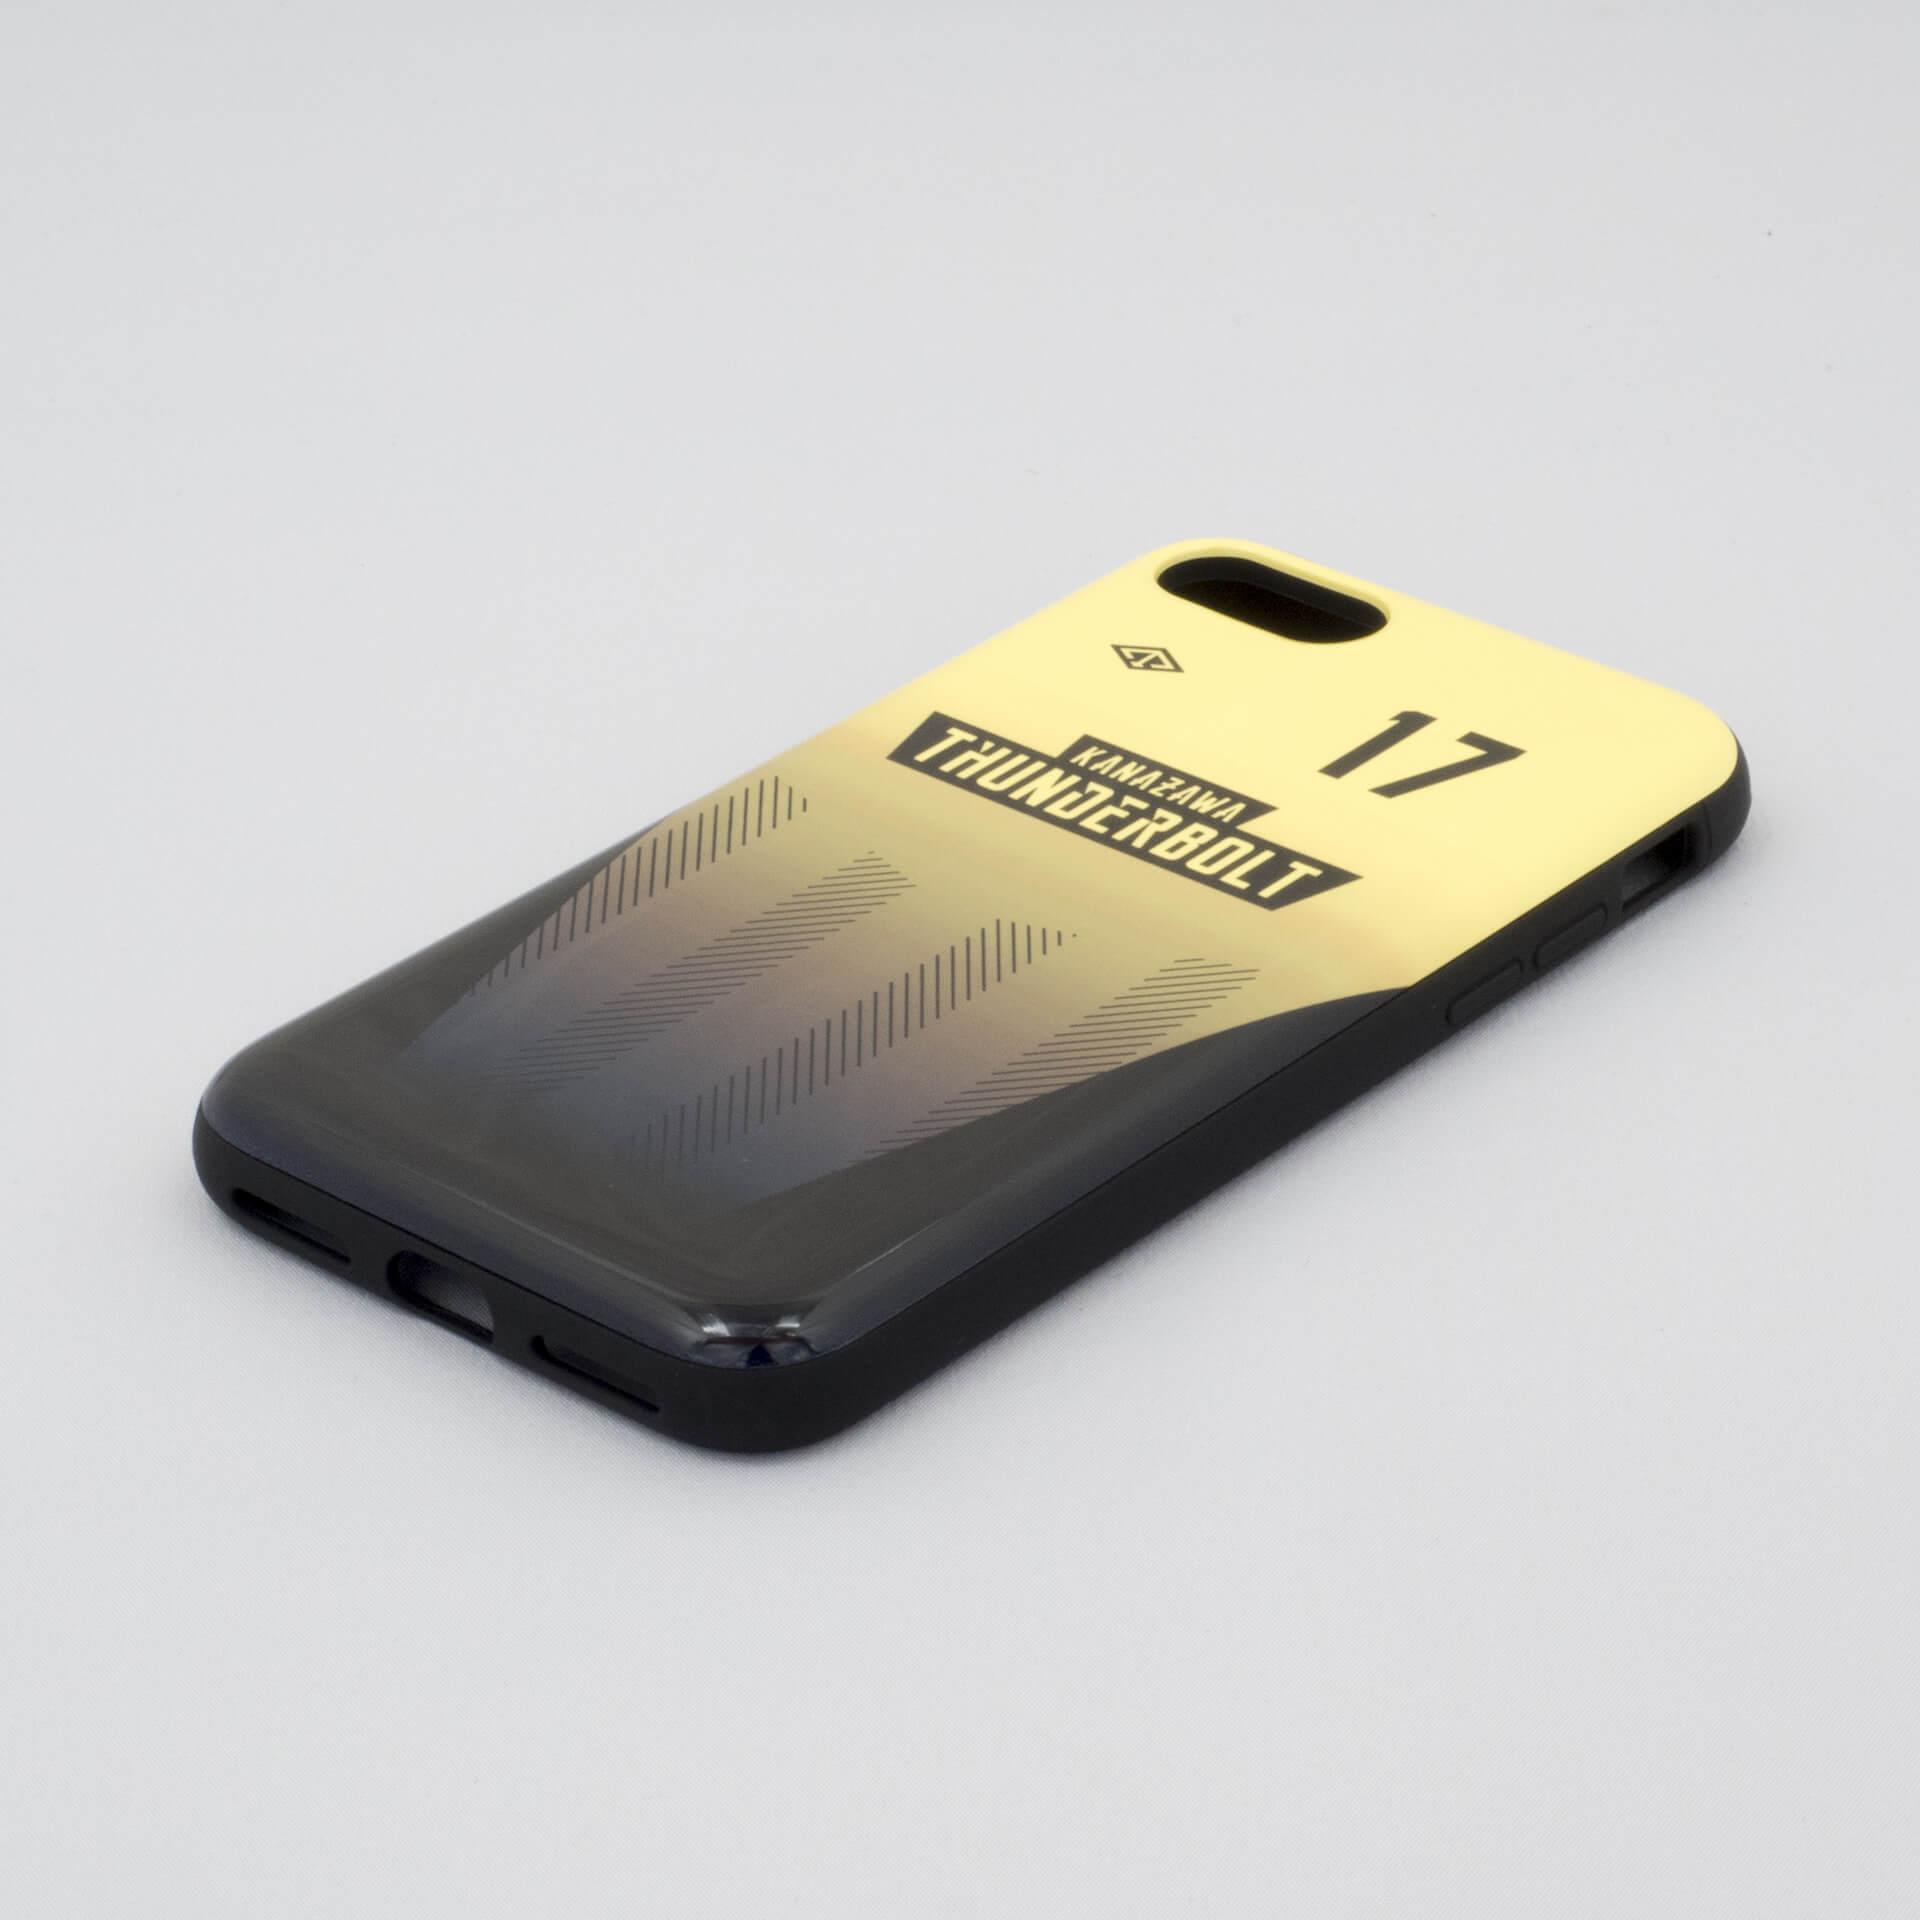 金沢サンダーボルトのiPhoneケース画像4